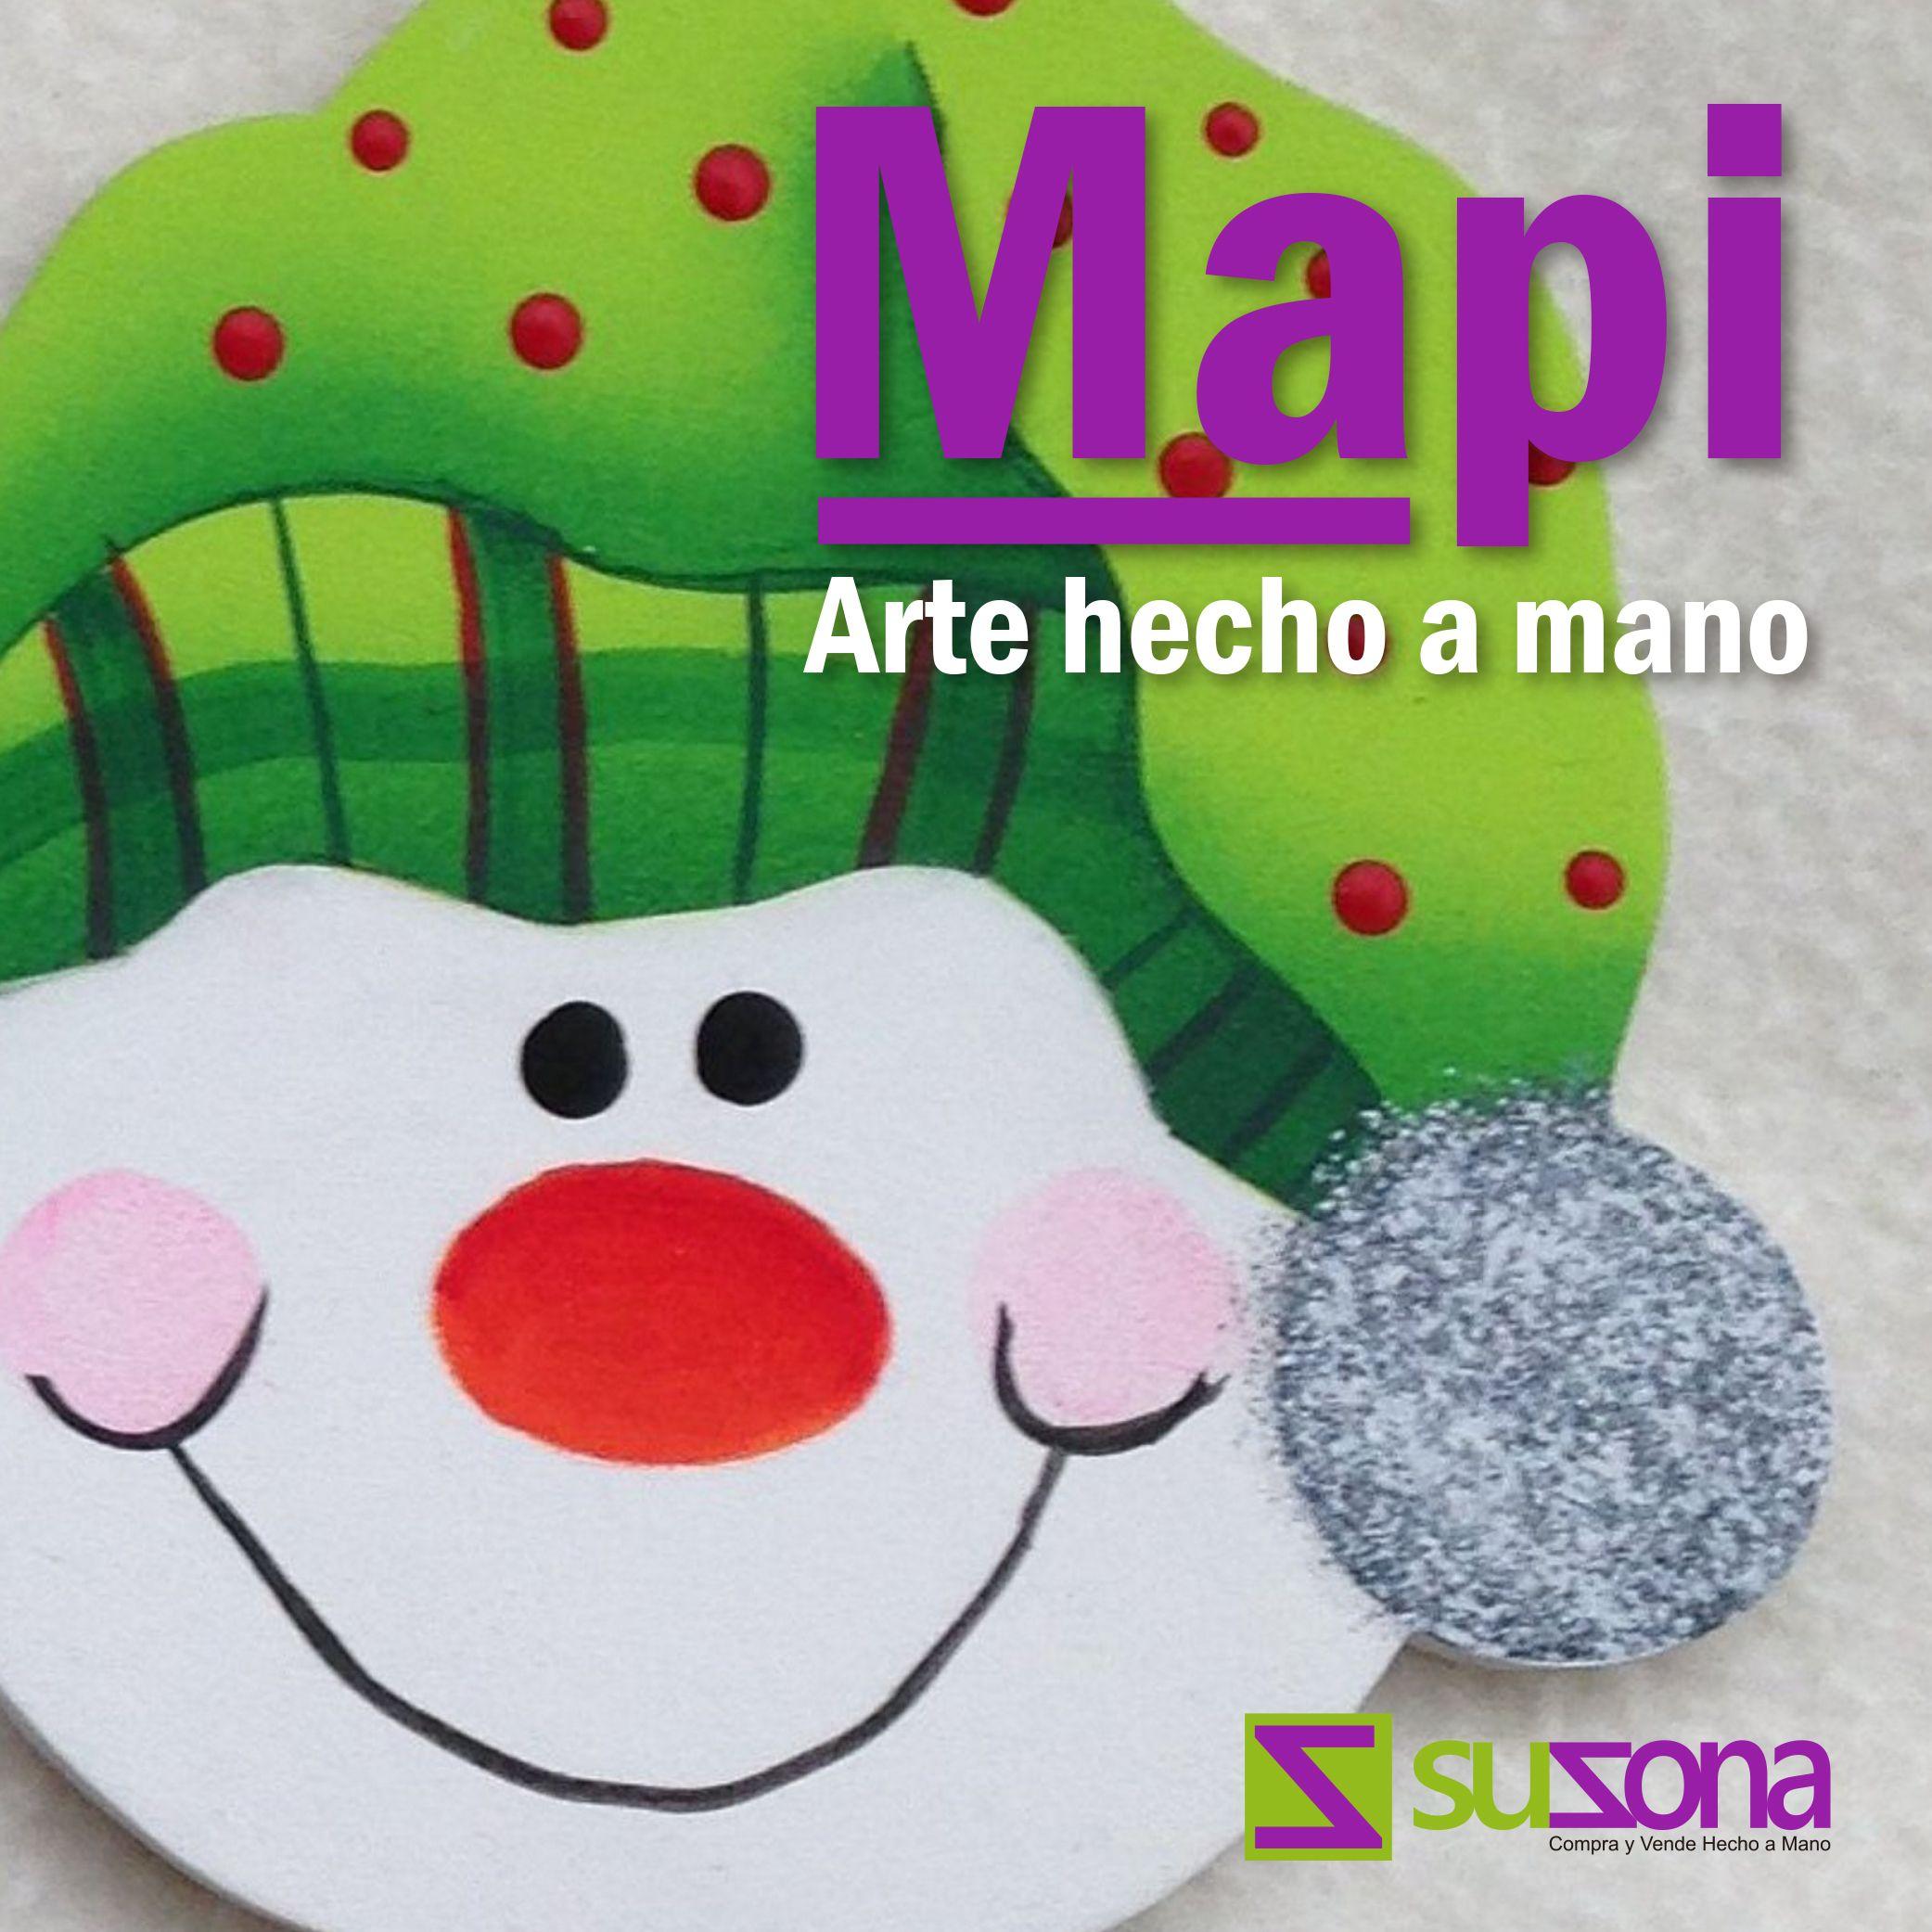 Conoce los artículos navideños de nuestra #TiendaVirtual Mapi, productos elaborados 100% a mano.